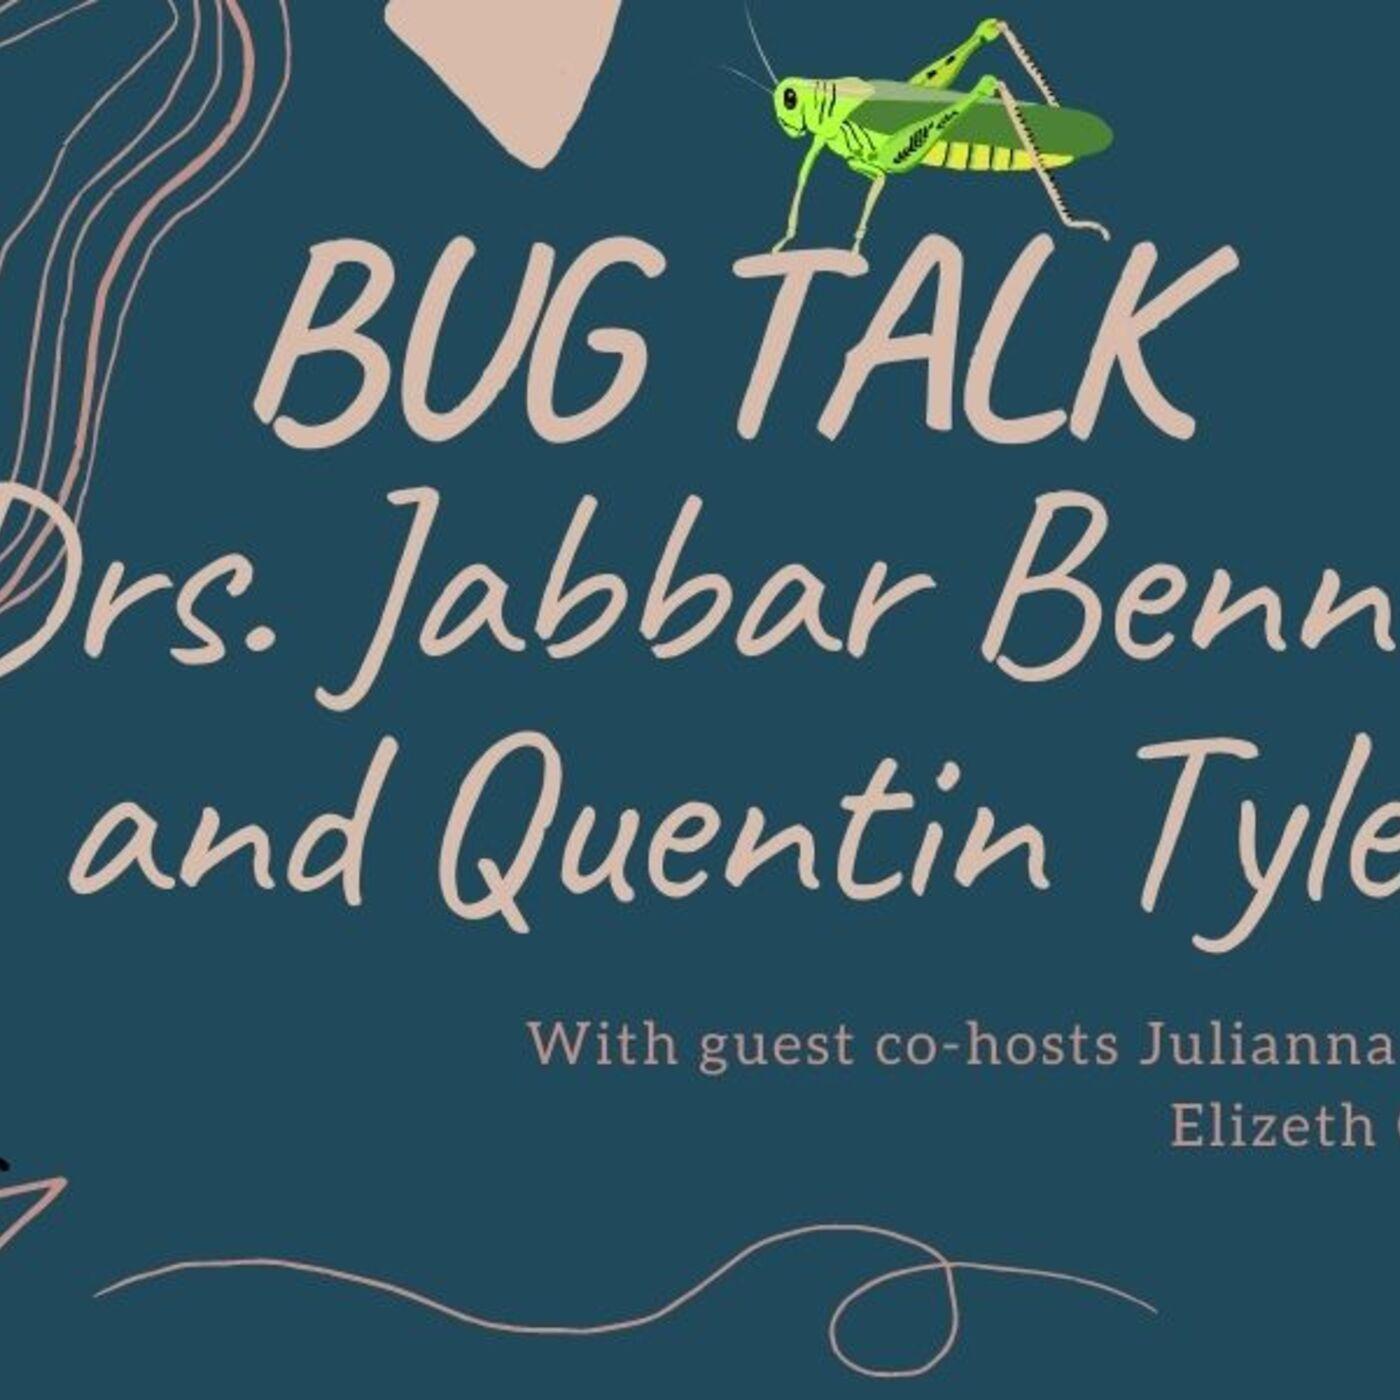 Ep. 60: Drs. Jabbar Bennett and Quentin Tyler